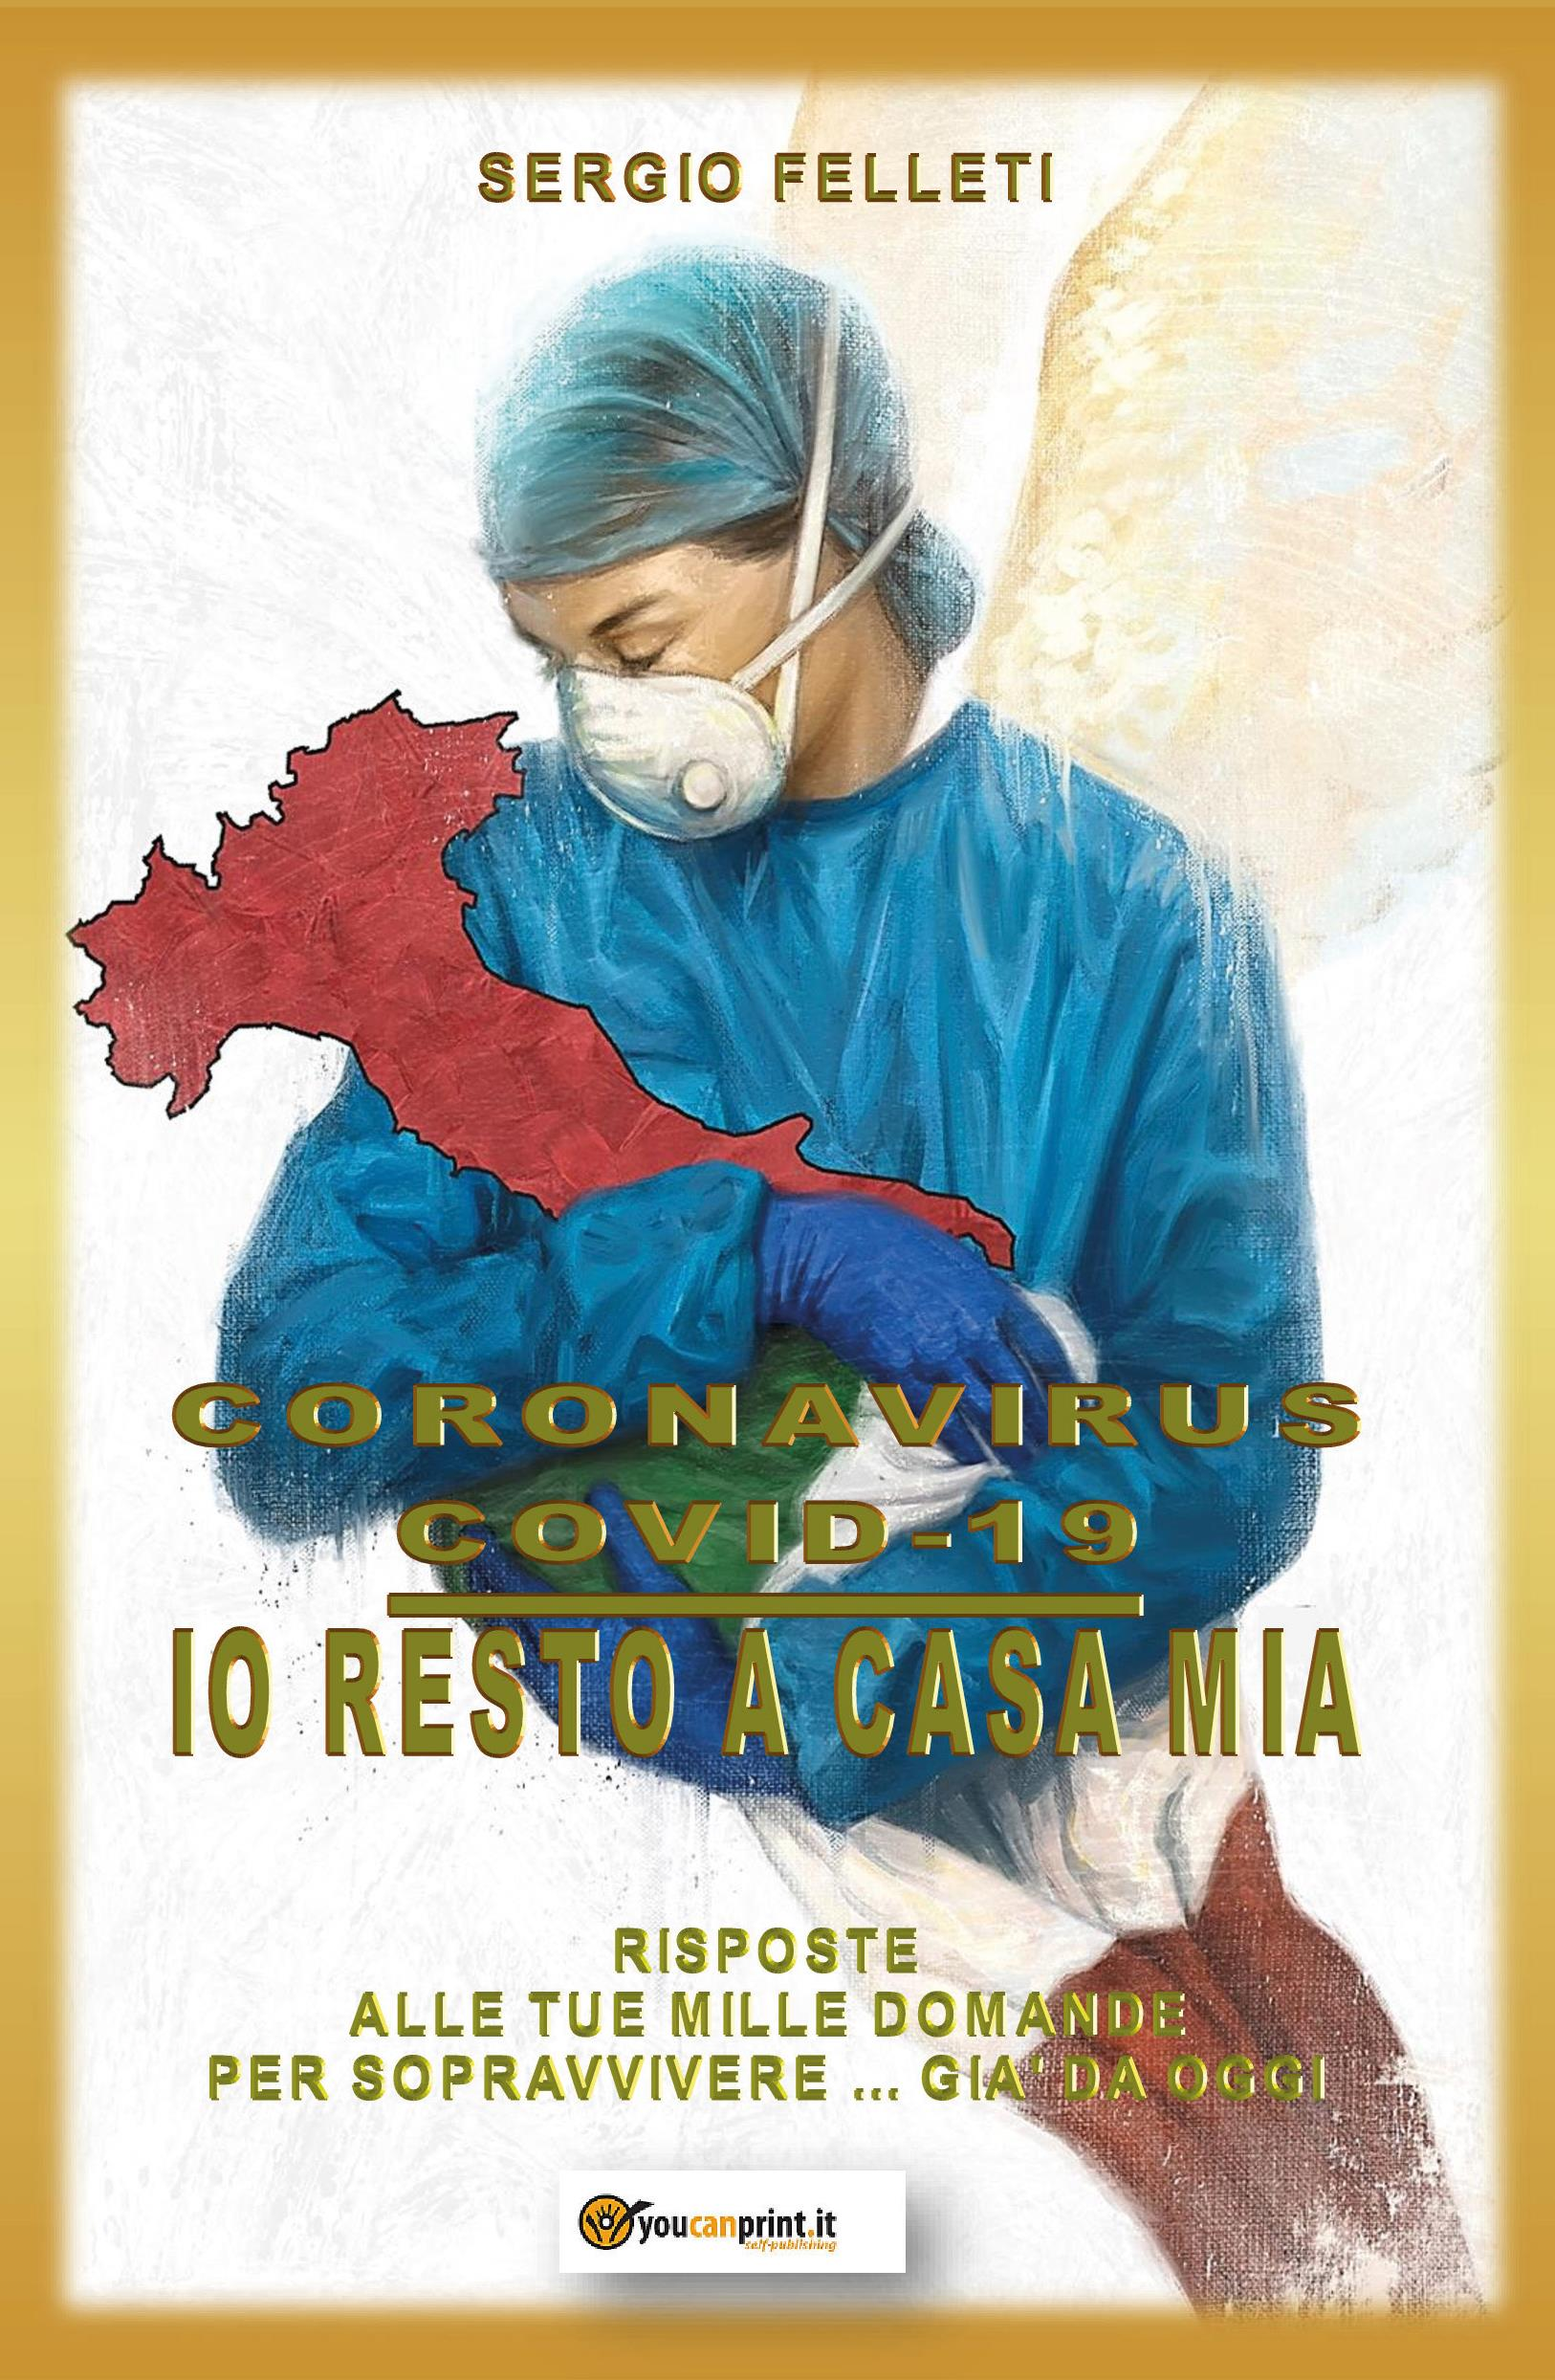 CORONAVIRUS COVID-19 - IO RESTO A CASA MIA